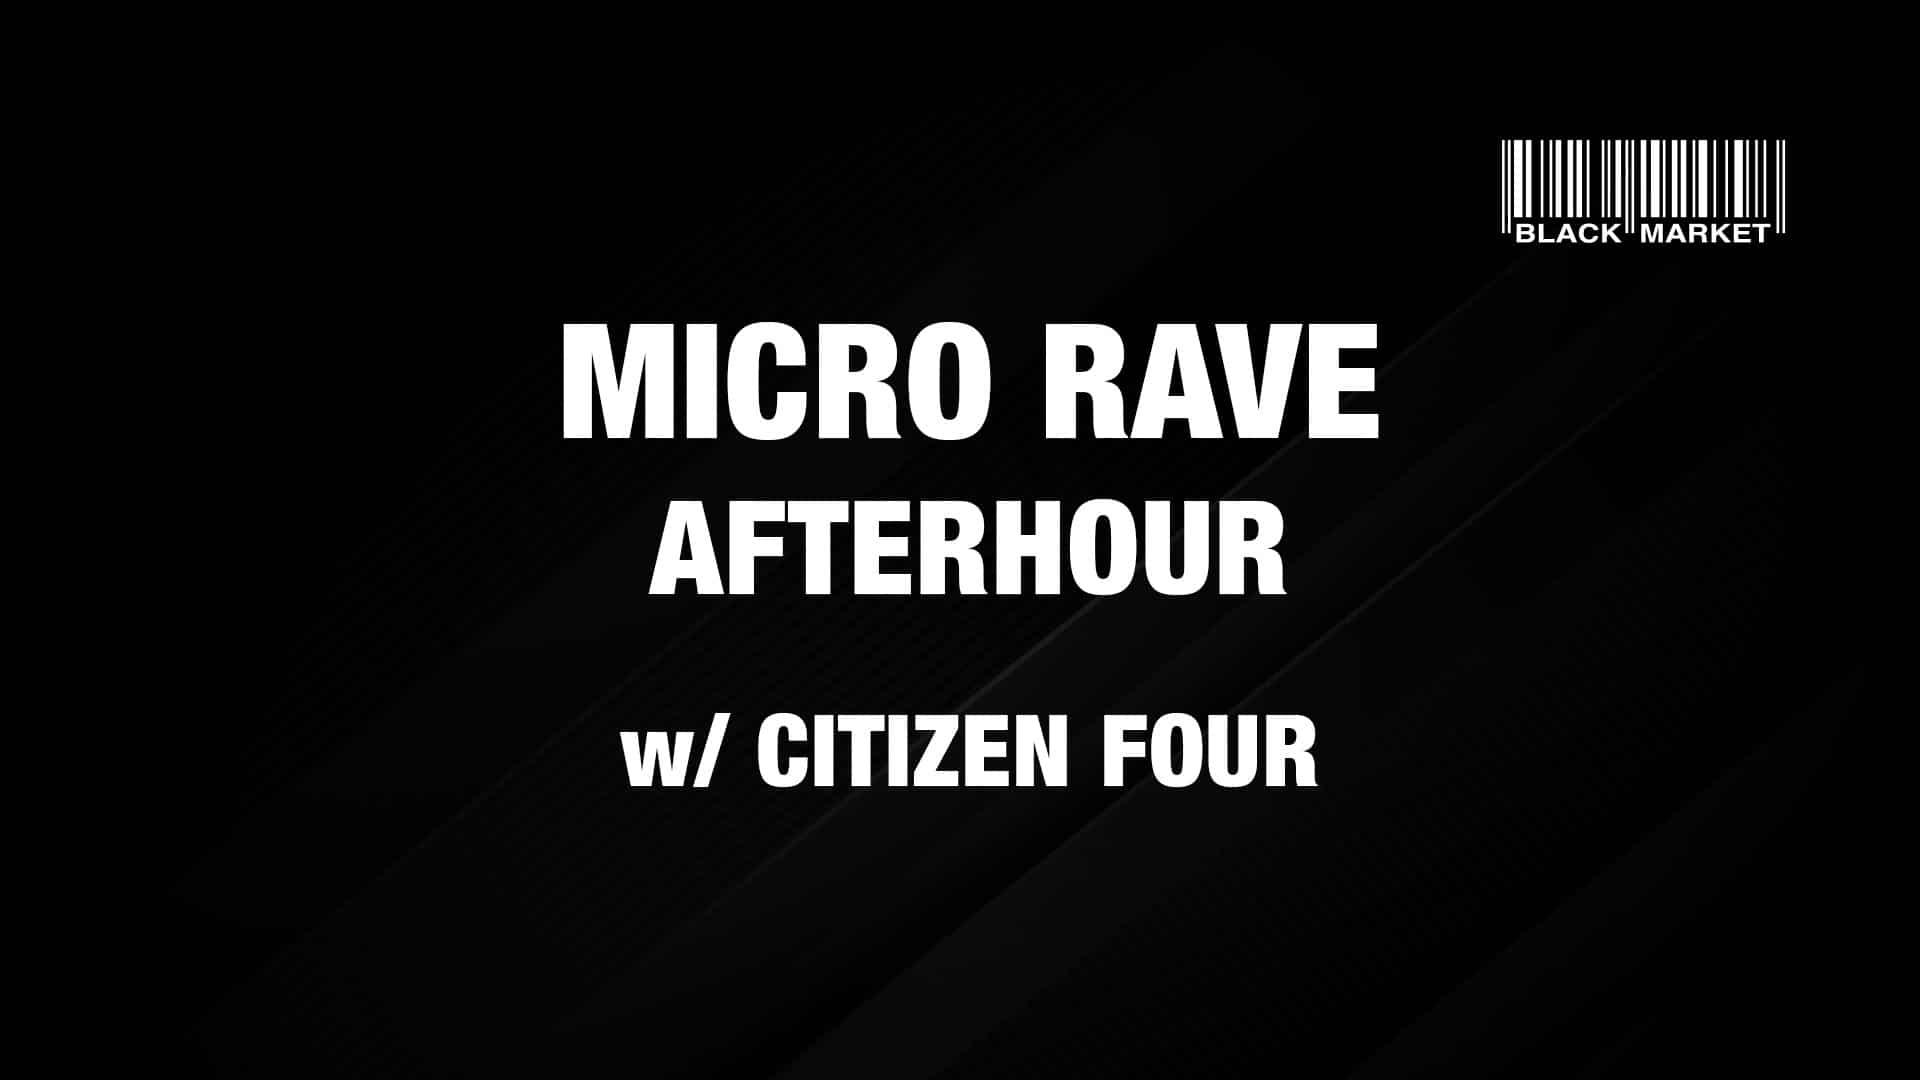 Events Wien: MICRO RAVE AFTERHOUR #4 w/ CITIZEN FOUR